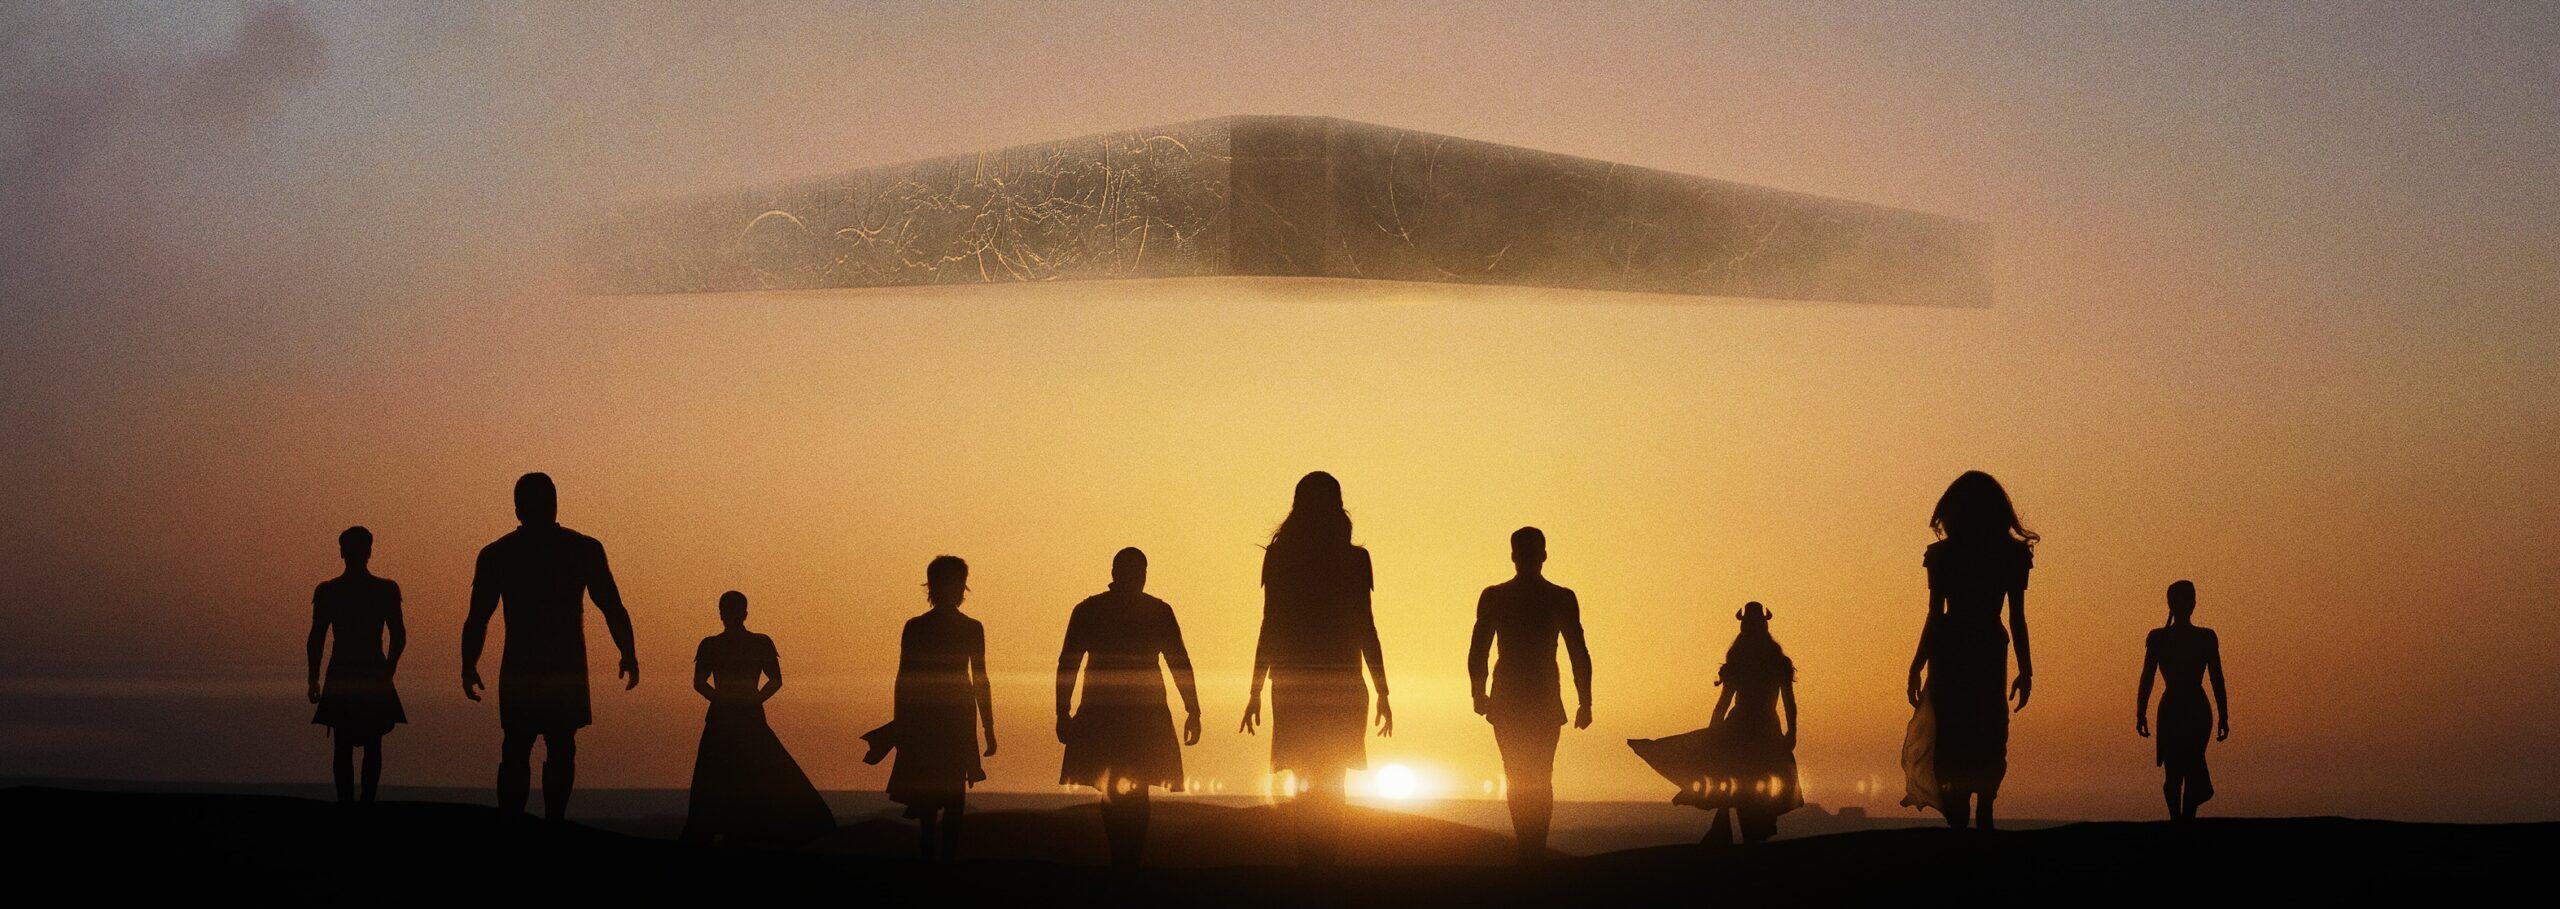 'Eternals' se rodó en Fuerteventura y Lanzarote, además de otras localizaciones internacionales.